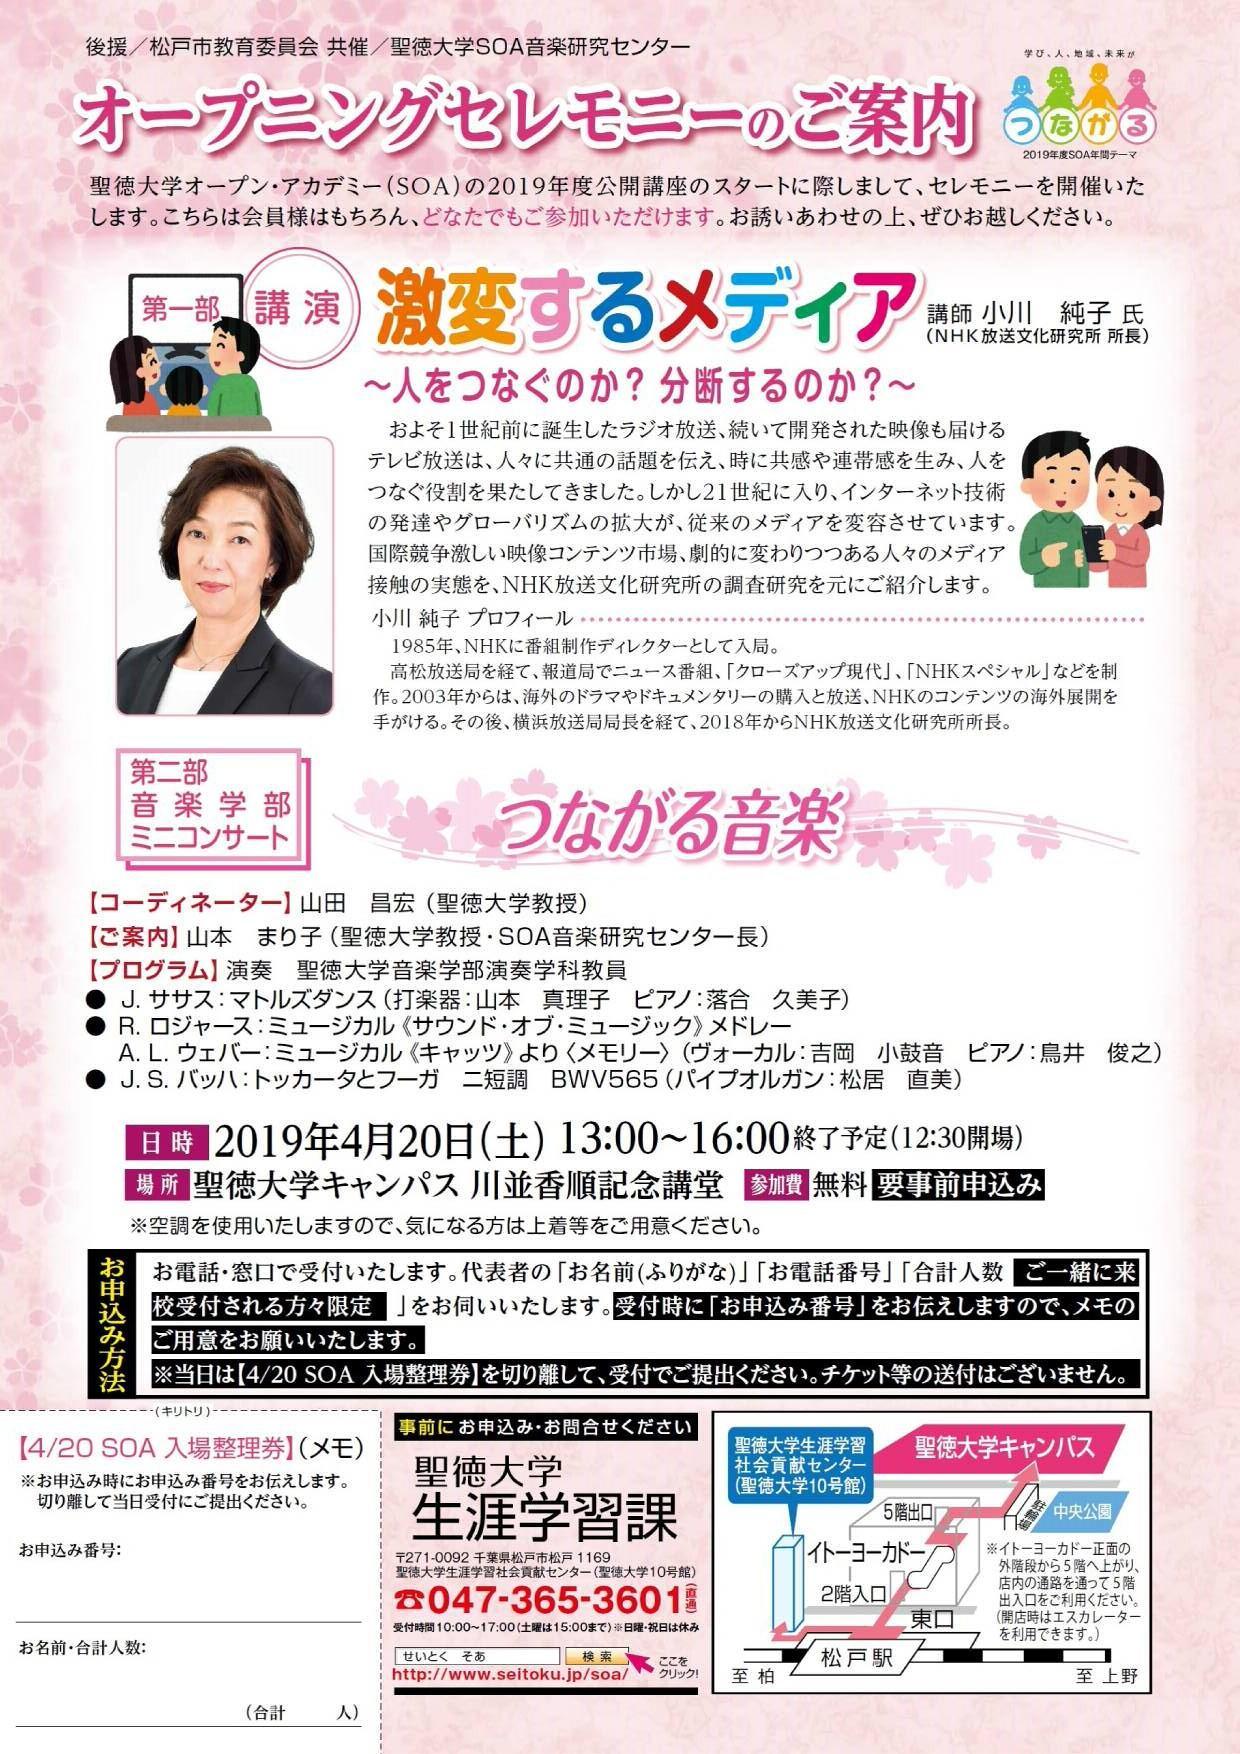 聖徳大学オープン・アカデミーが4月20日に2019年度オープニングセレモニーを開催 -- NHK放送文化研究所長の小川純子氏による講演と音楽学部ミニコンサート